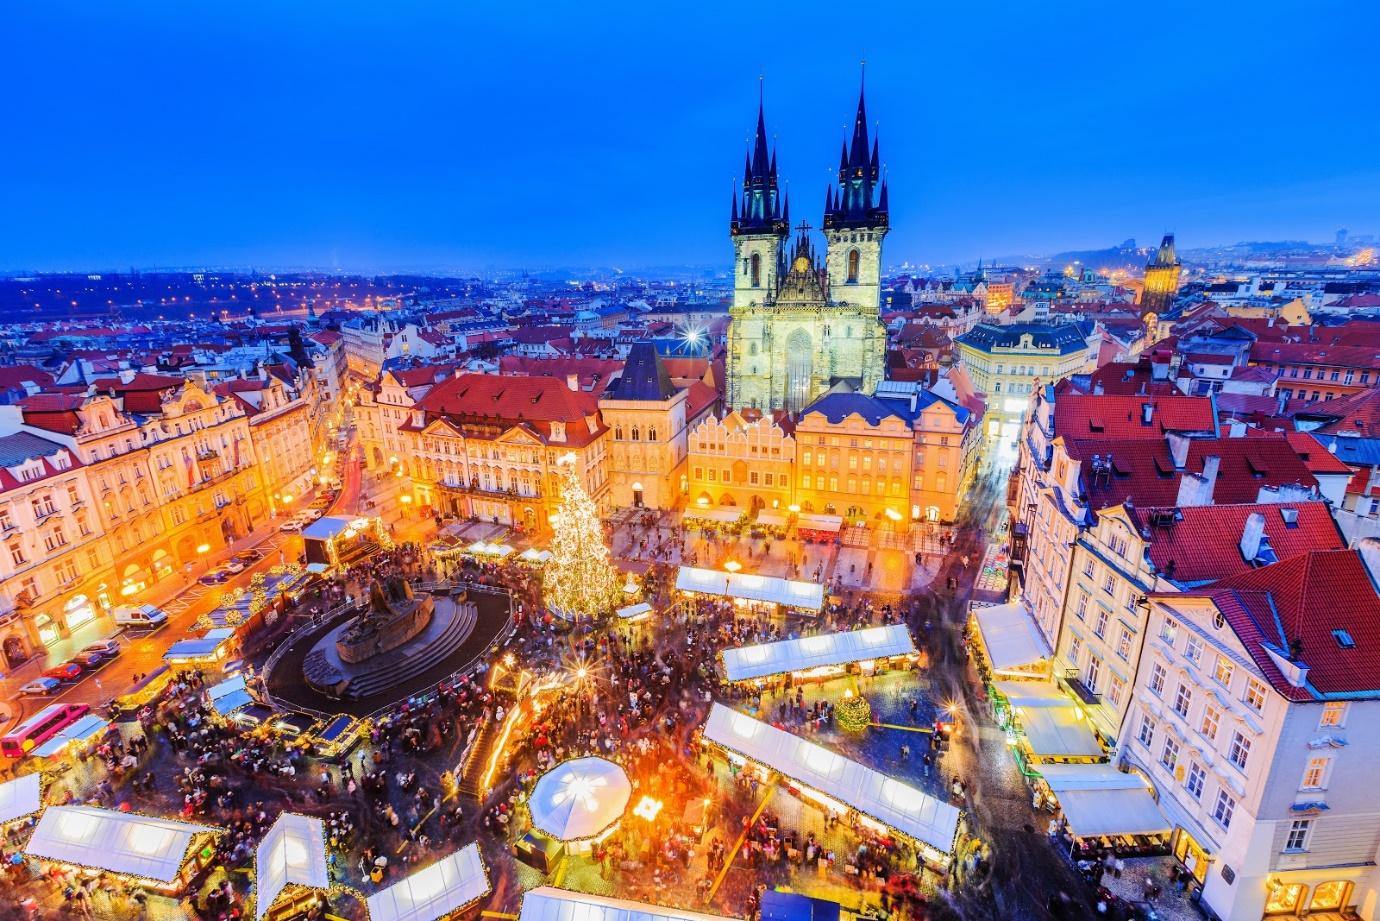 7_-_Praga_republica